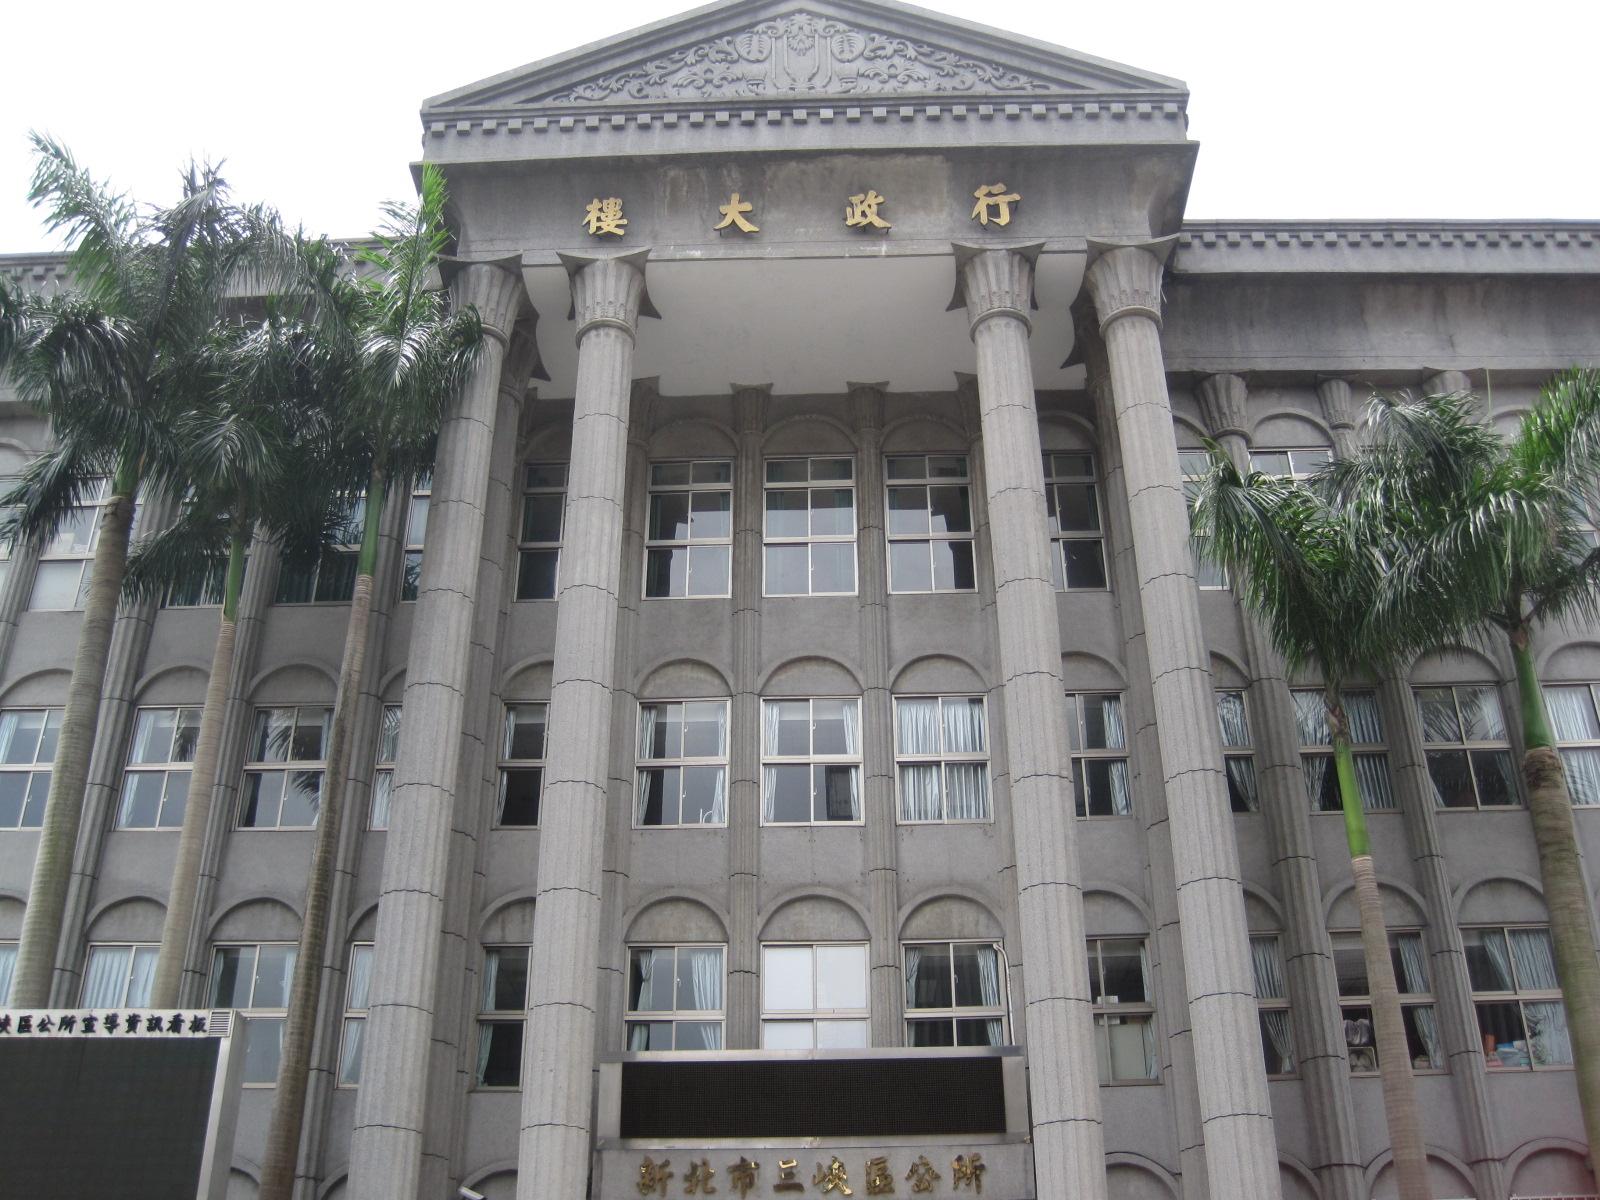 三峽區公所招募約僱人員 報名至8月8日截止